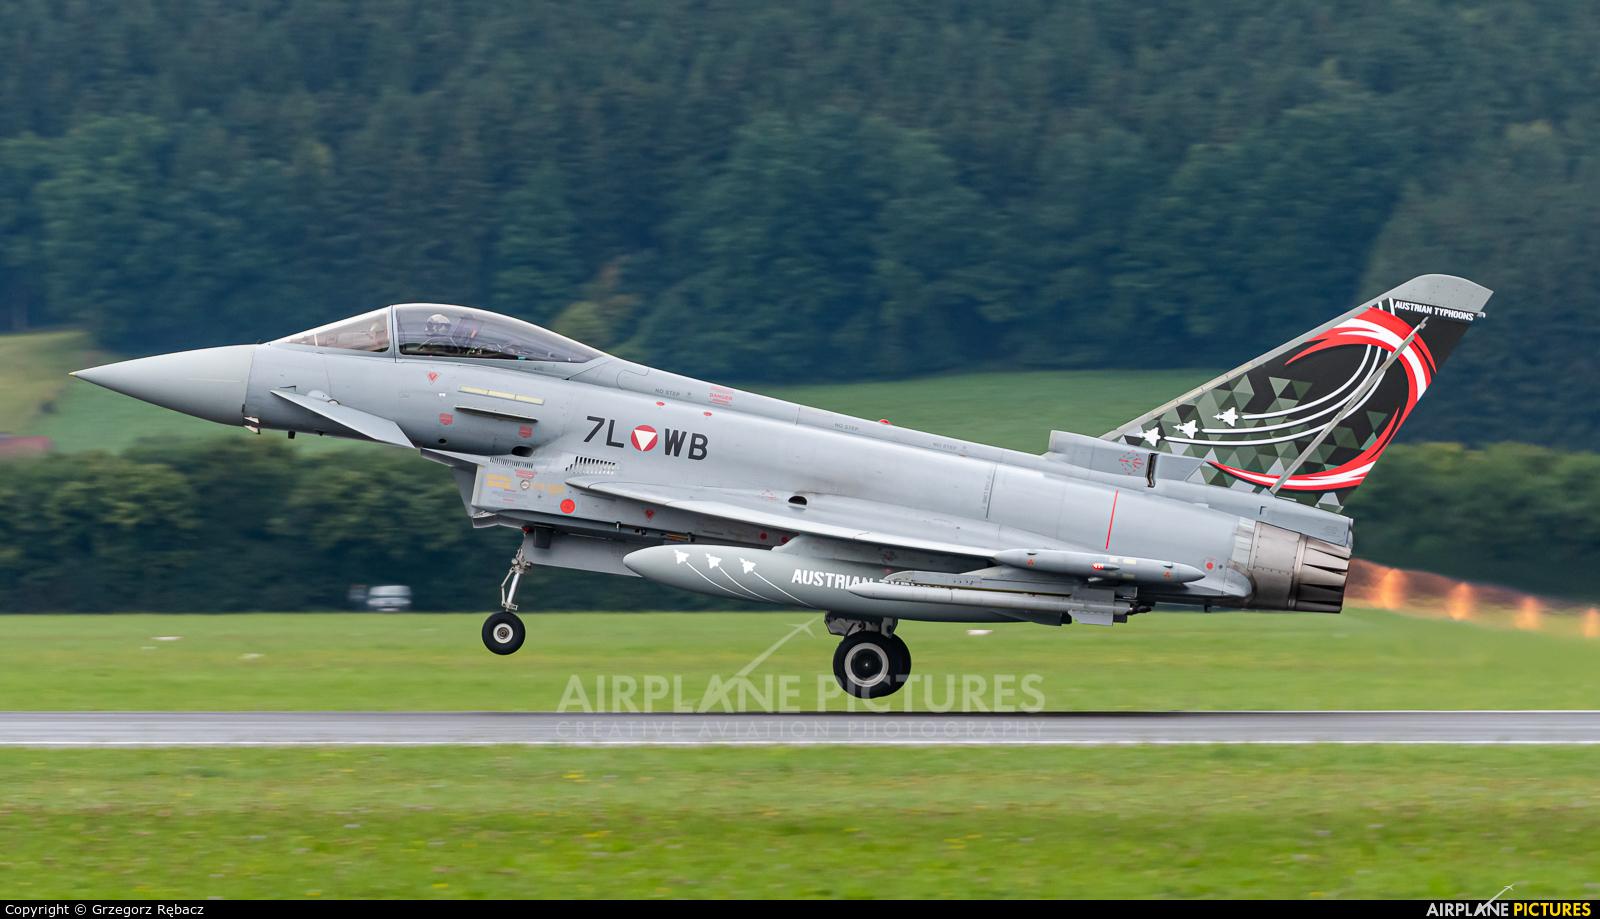 Austria - Air Force 7L-WB aircraft at Zeltweg